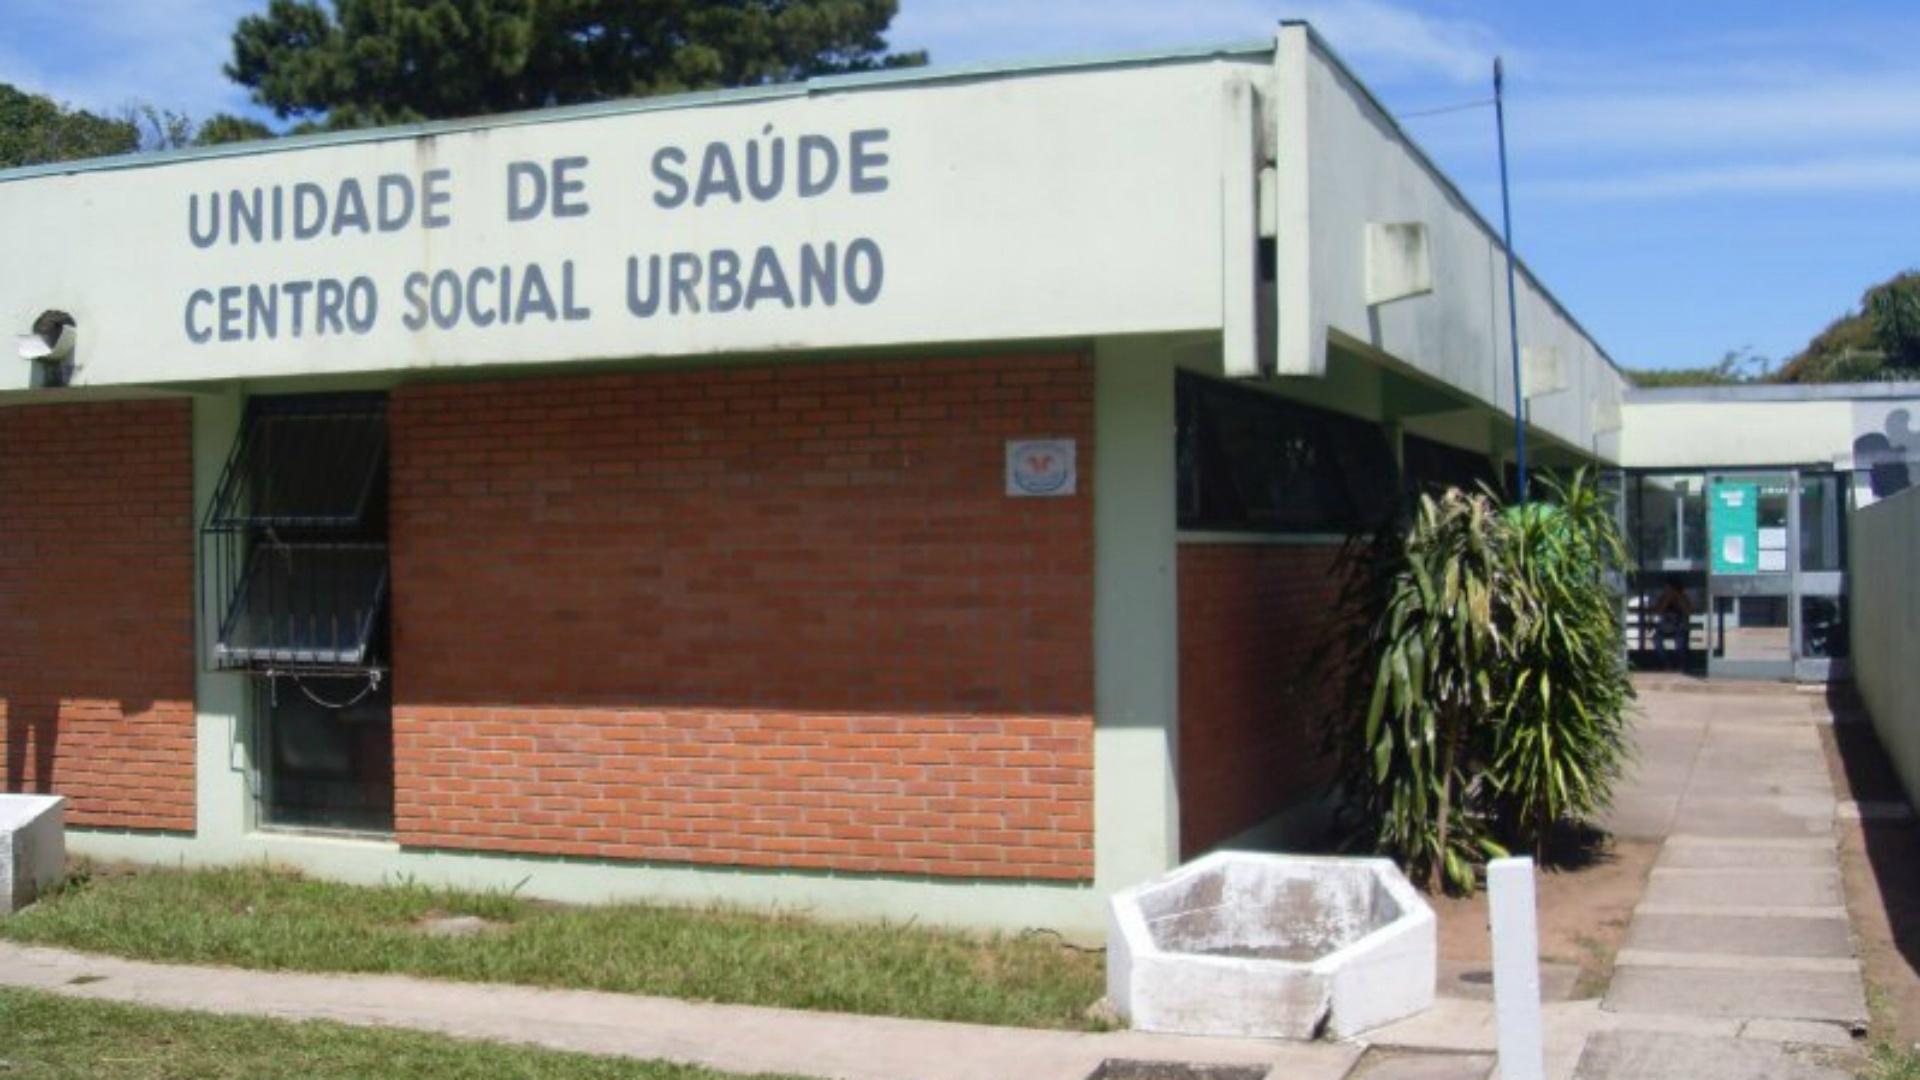 Santa Maria (RS) investiga surto de toxoplasmose  entenda causa e prevenção  - 19 04 2018 - UOL Notícias aa05f24c95